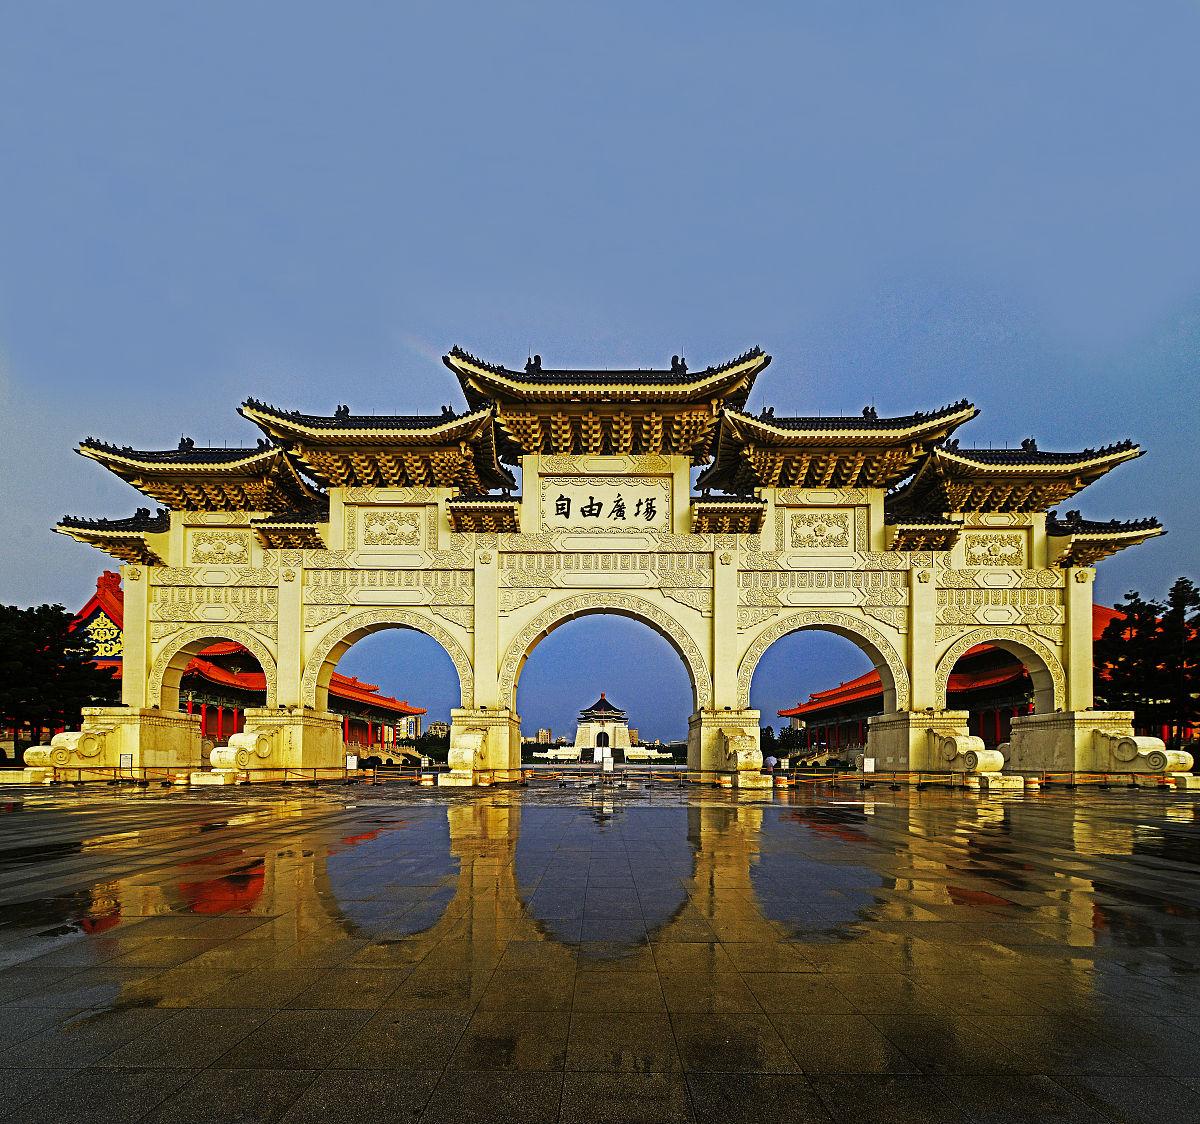 著名景点图片 中国著名景点图片大全 云南昆明著名  丽江旅游景点简介